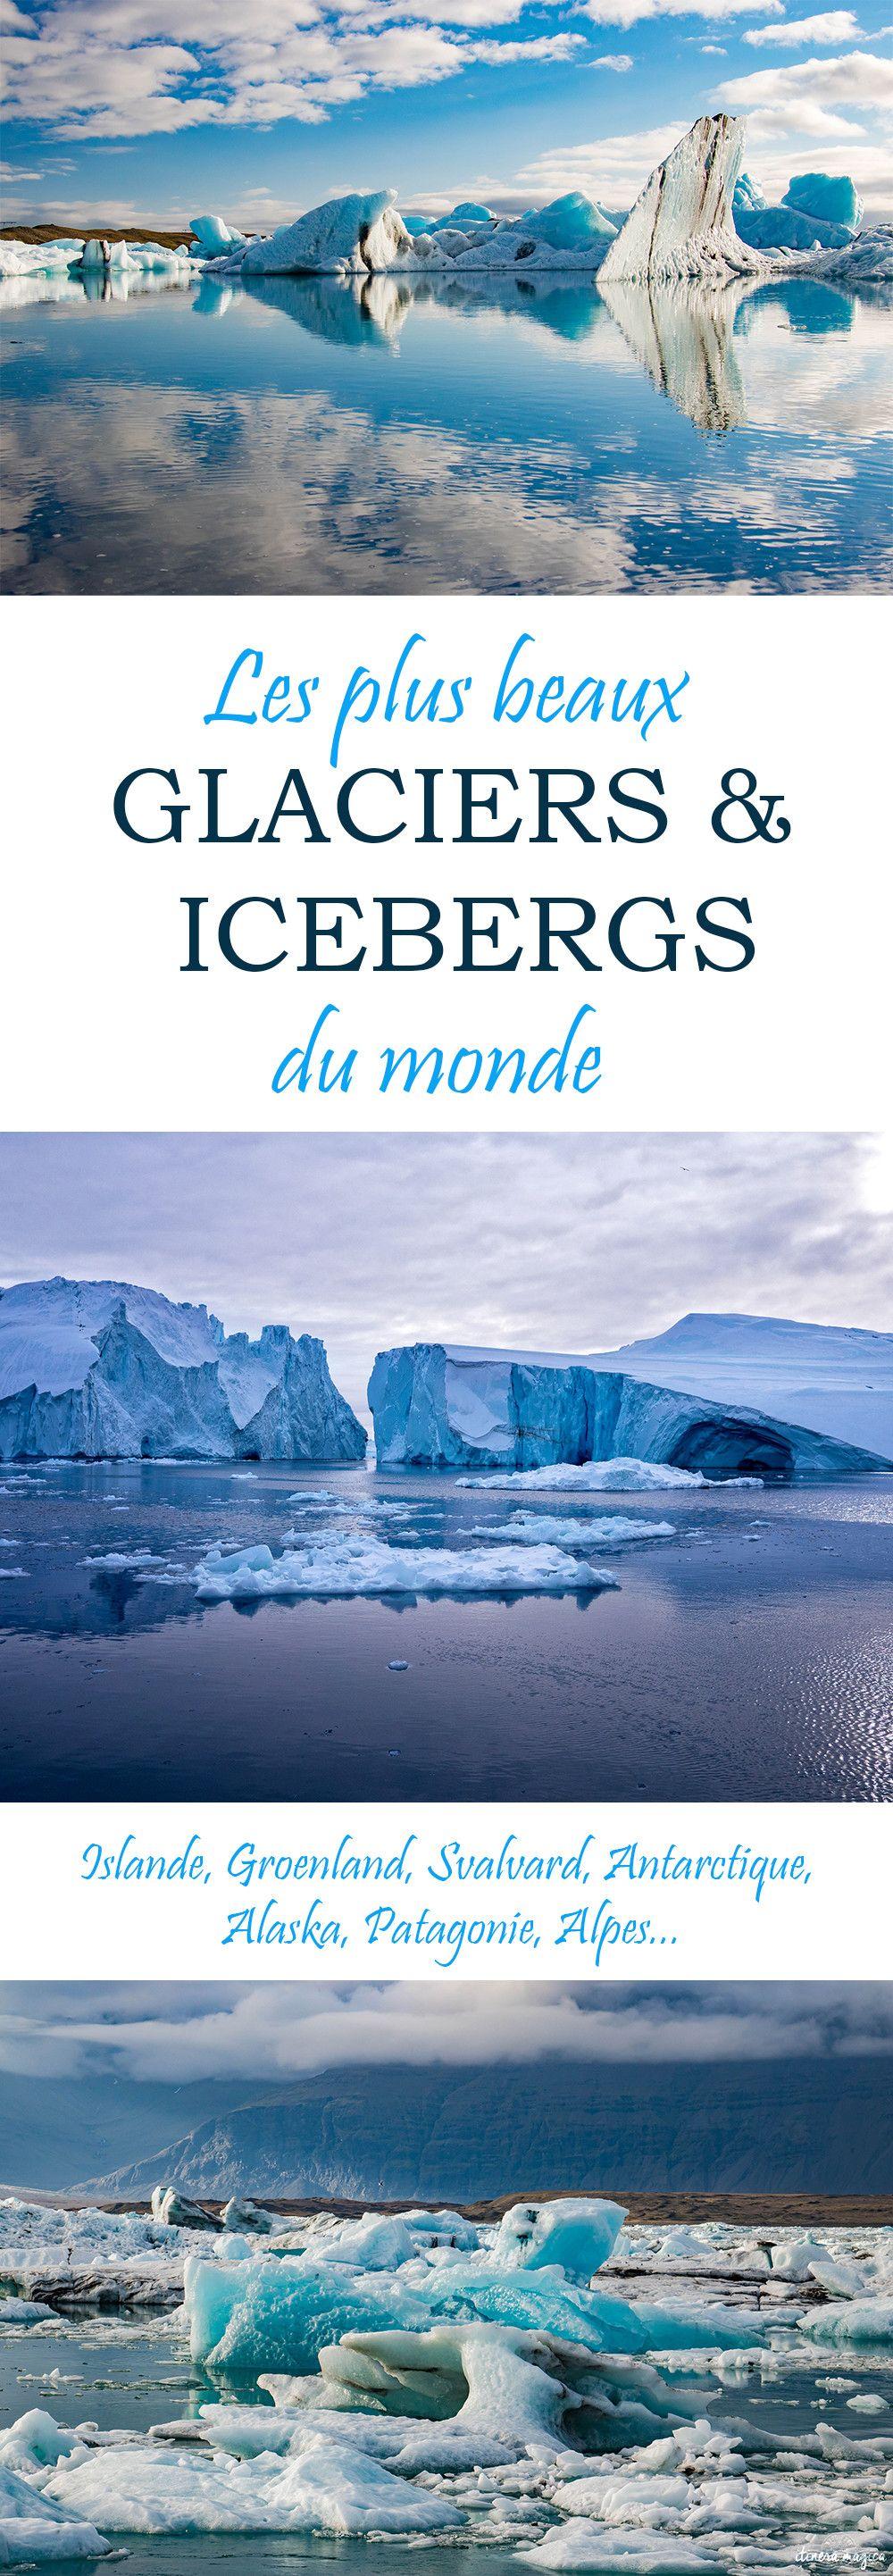 les plus beaux glaciers et icebergs du monde voyage voyage insolite les plus beaux paysages. Black Bedroom Furniture Sets. Home Design Ideas